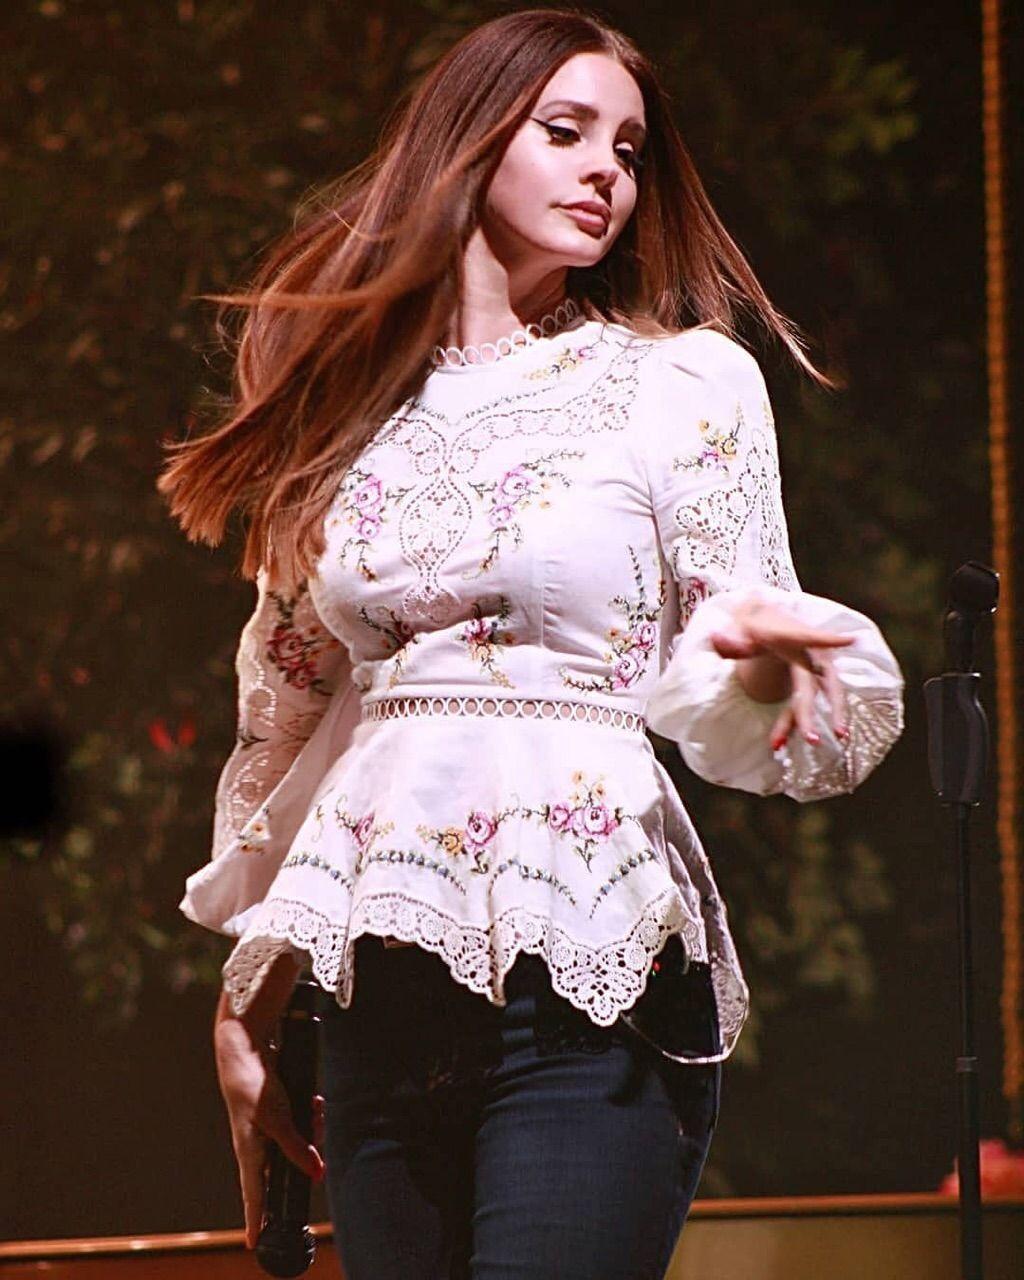 Lana Del Rey Aesthetics